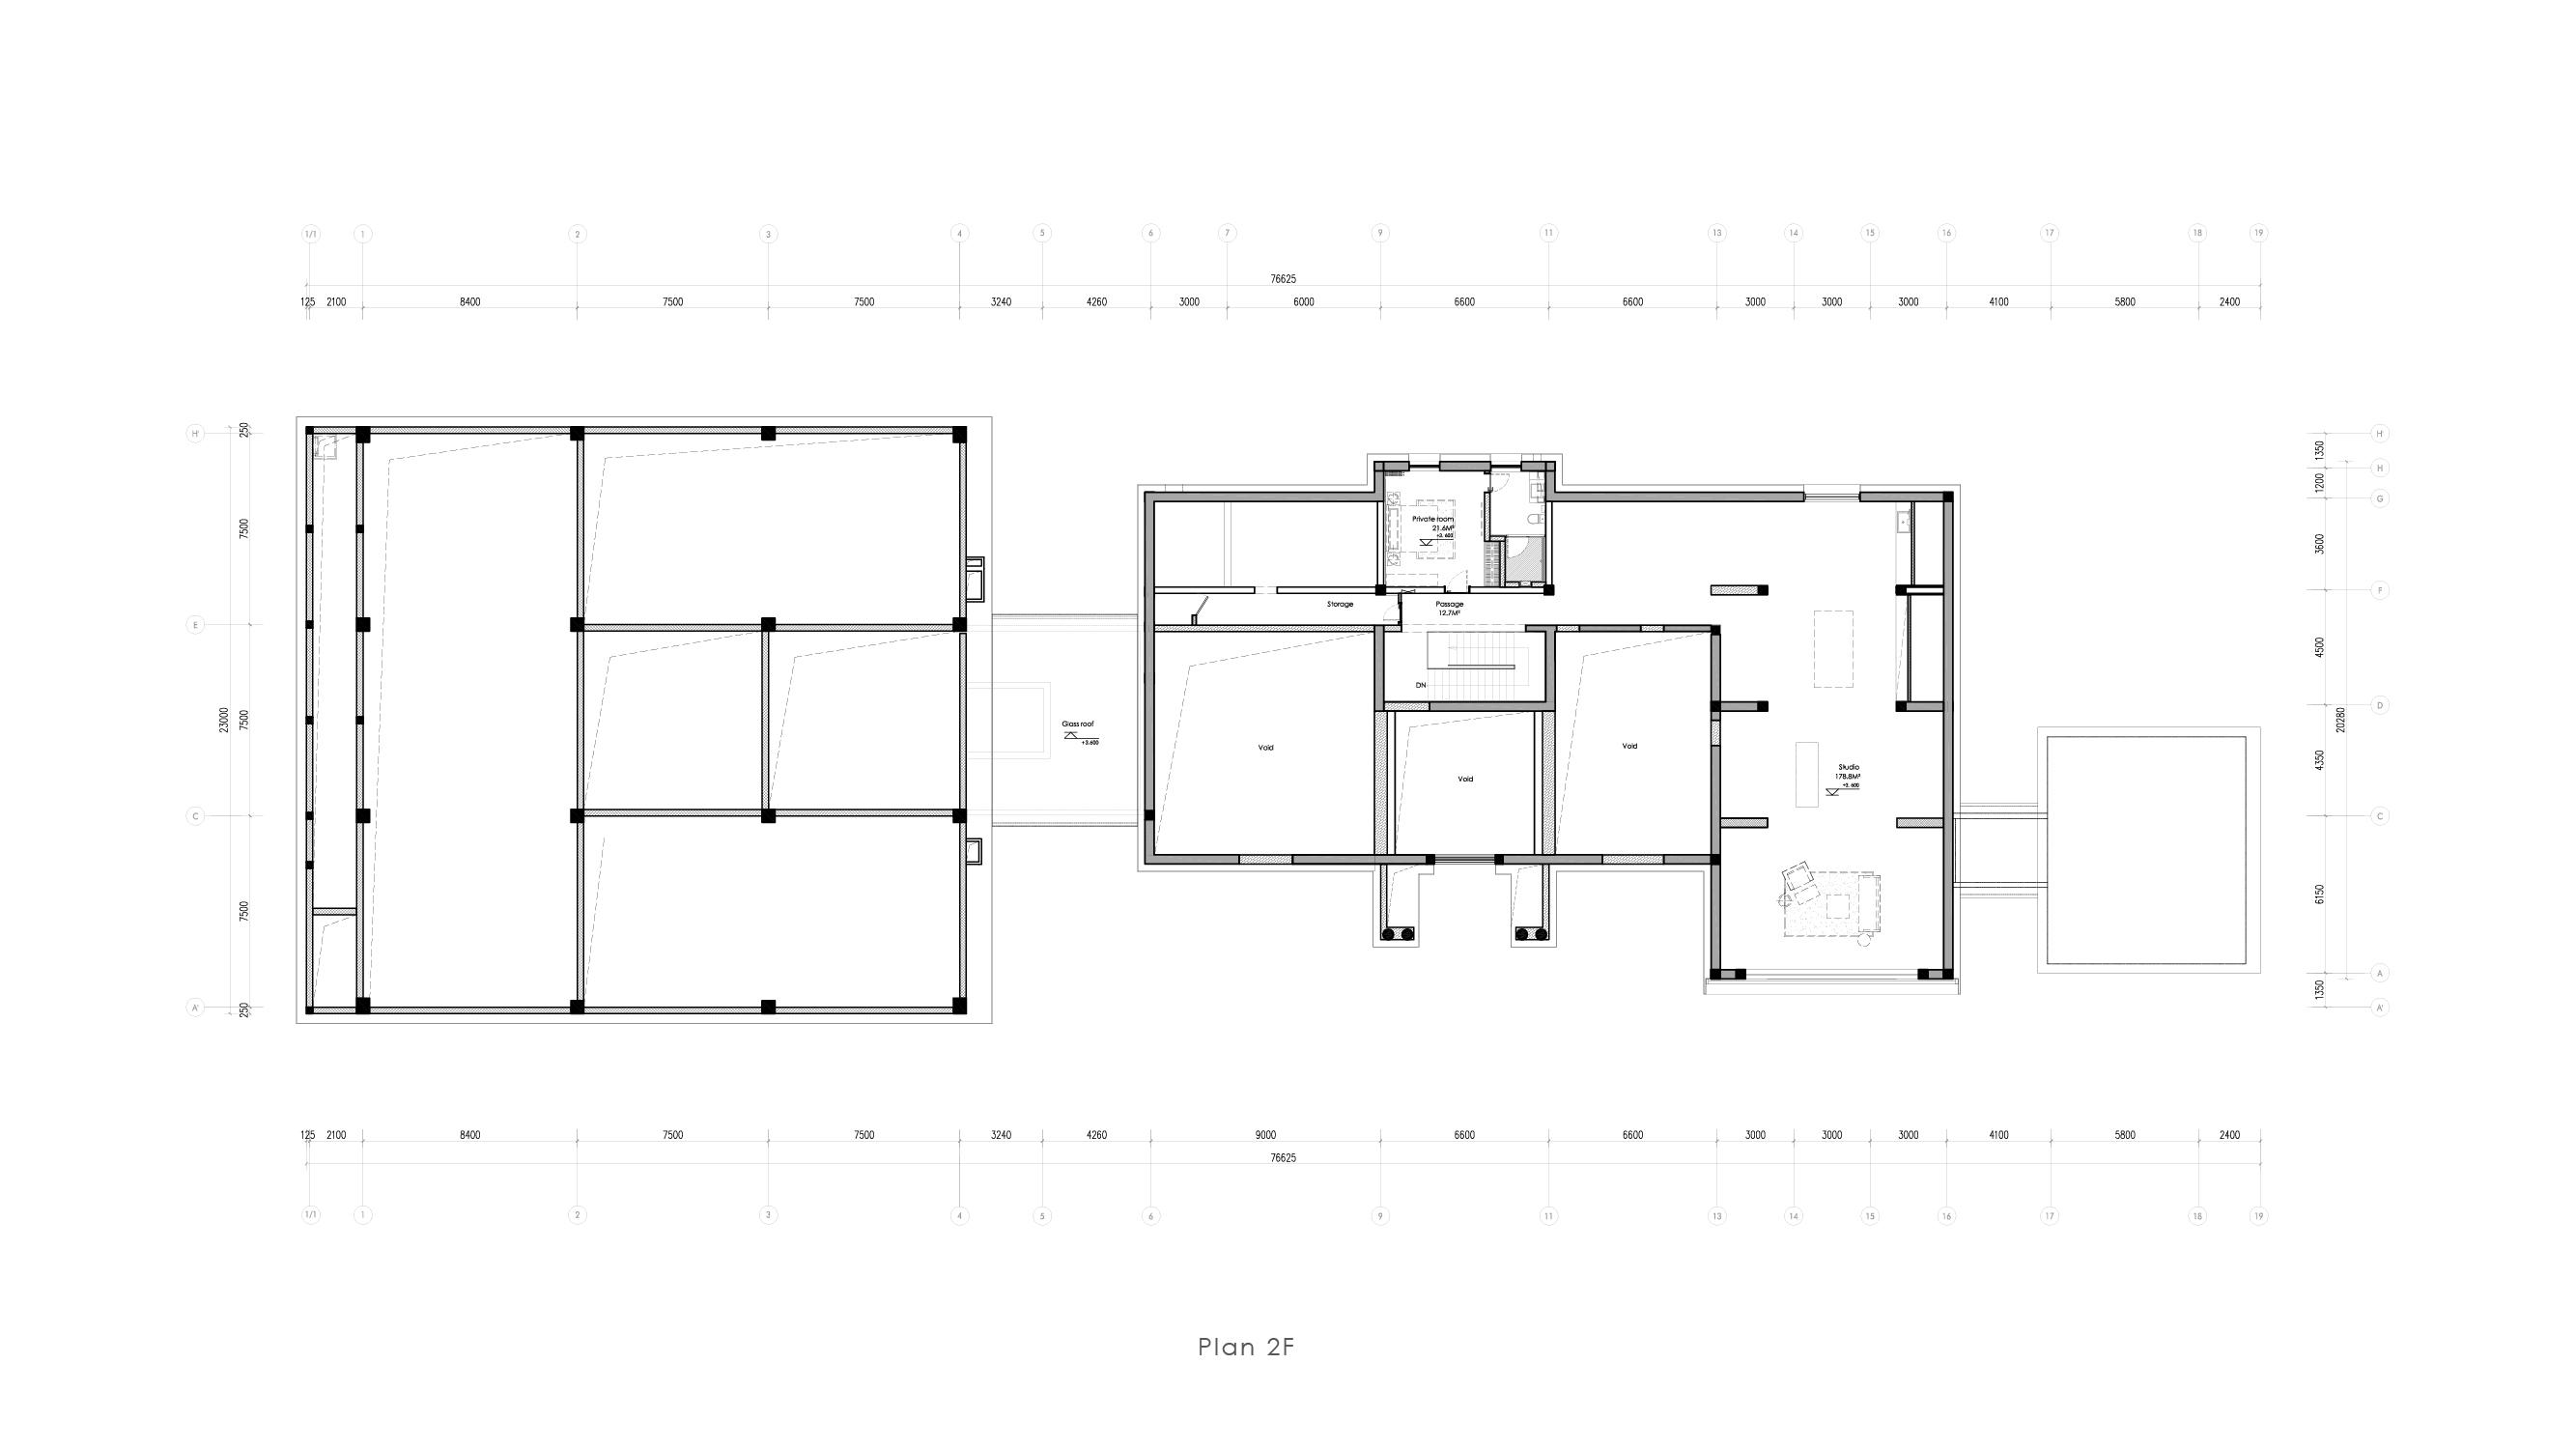 Museum plan - 2F Vermilion Zhou Design Group}